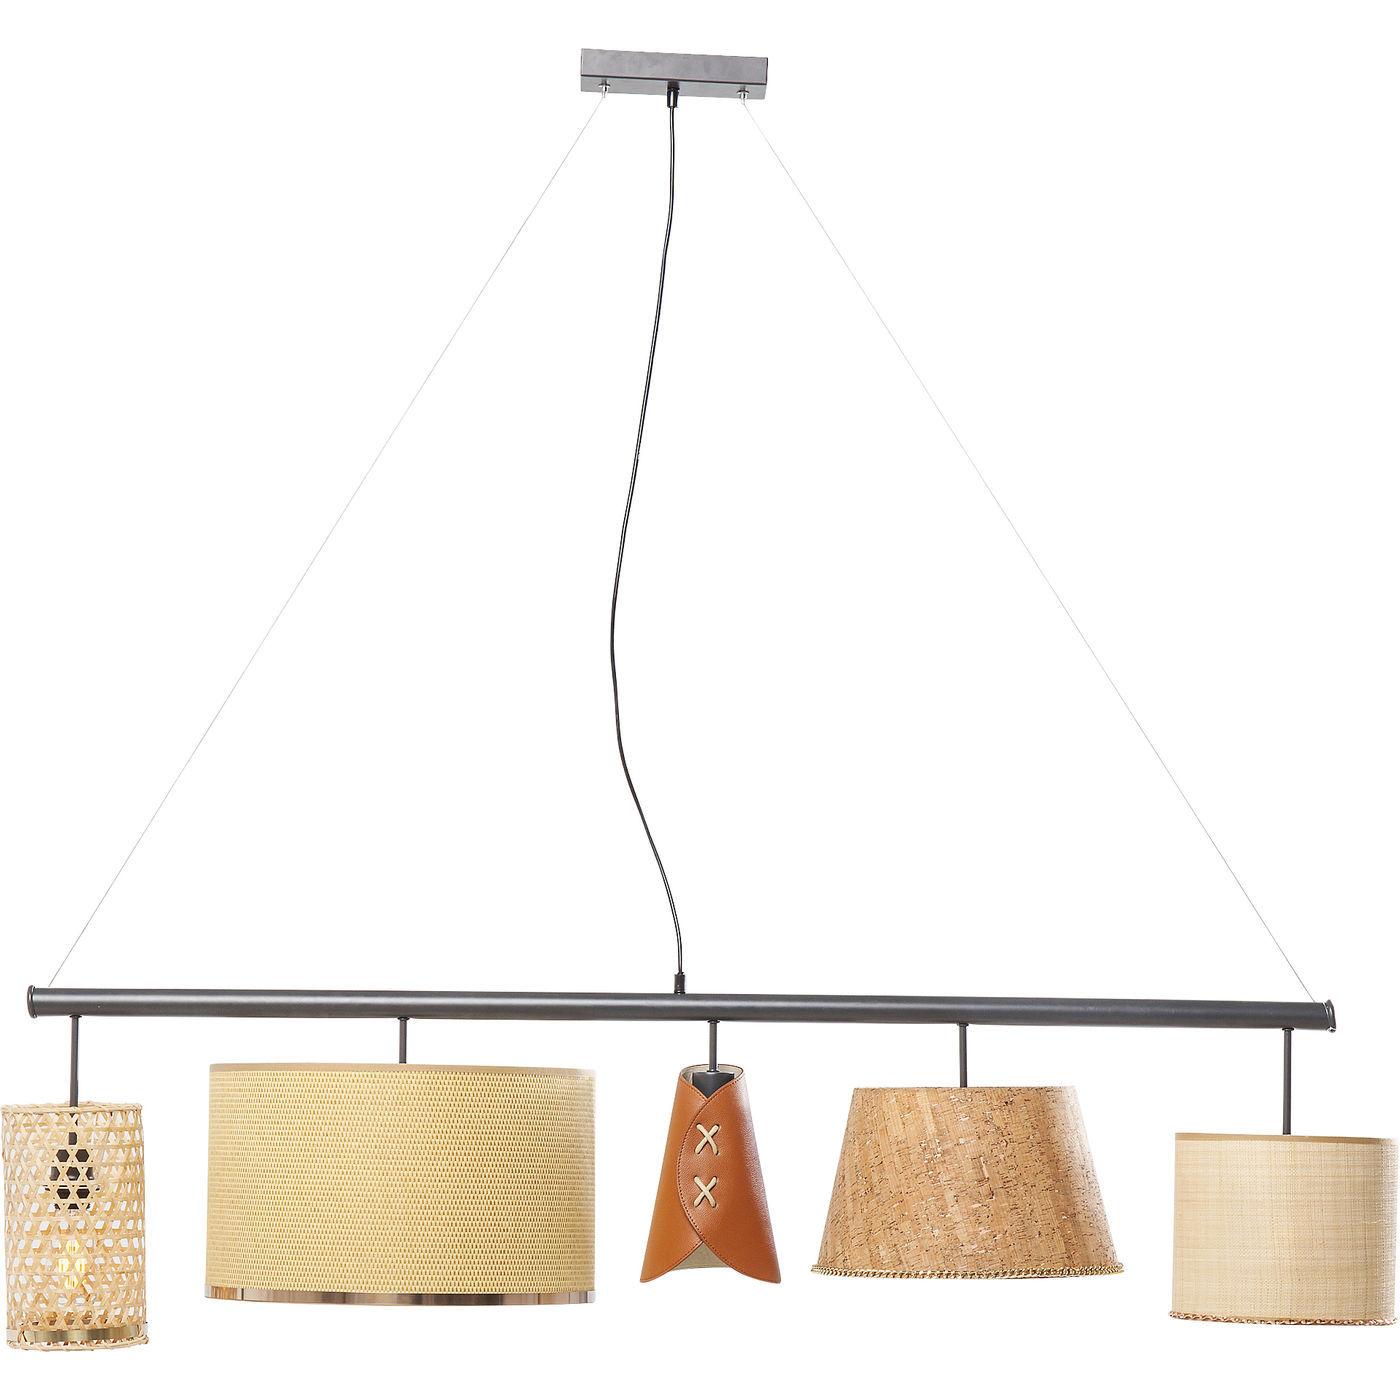 kare design Kare design parecchi nature loftlampe - natur plastik/rattan/stof/kork og stål på boboonline.dk